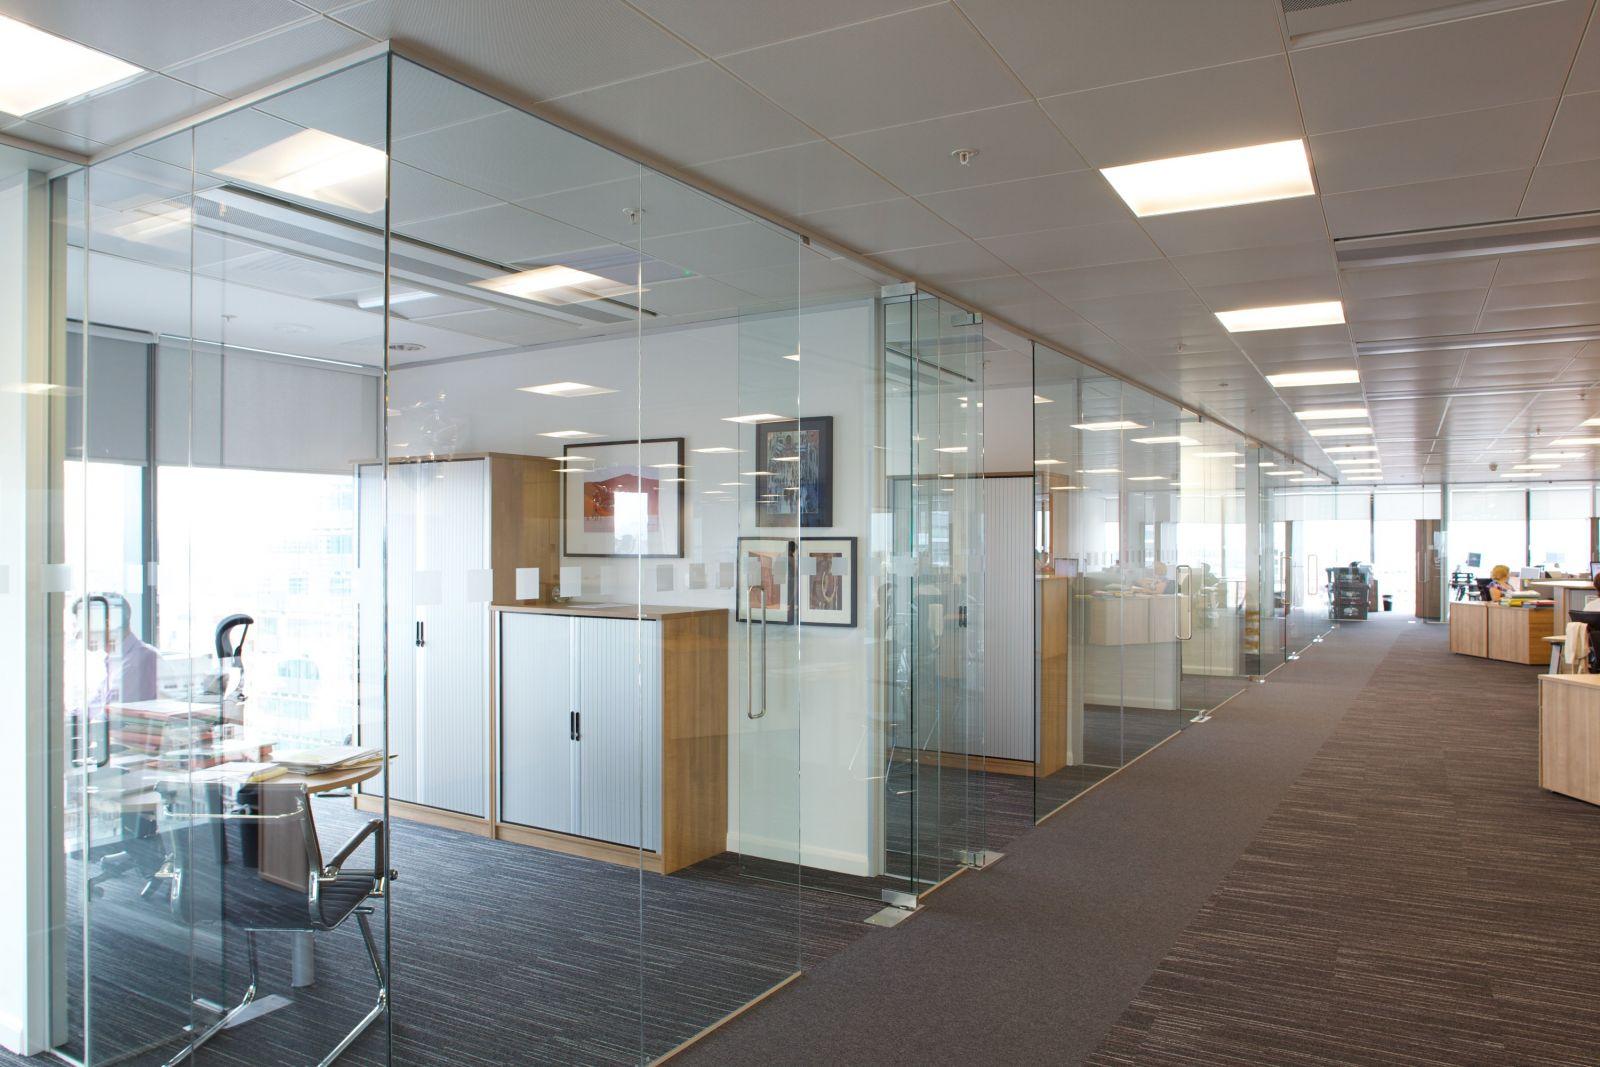 Lợi ích của kính cường lực trong thiết kế văn phòng